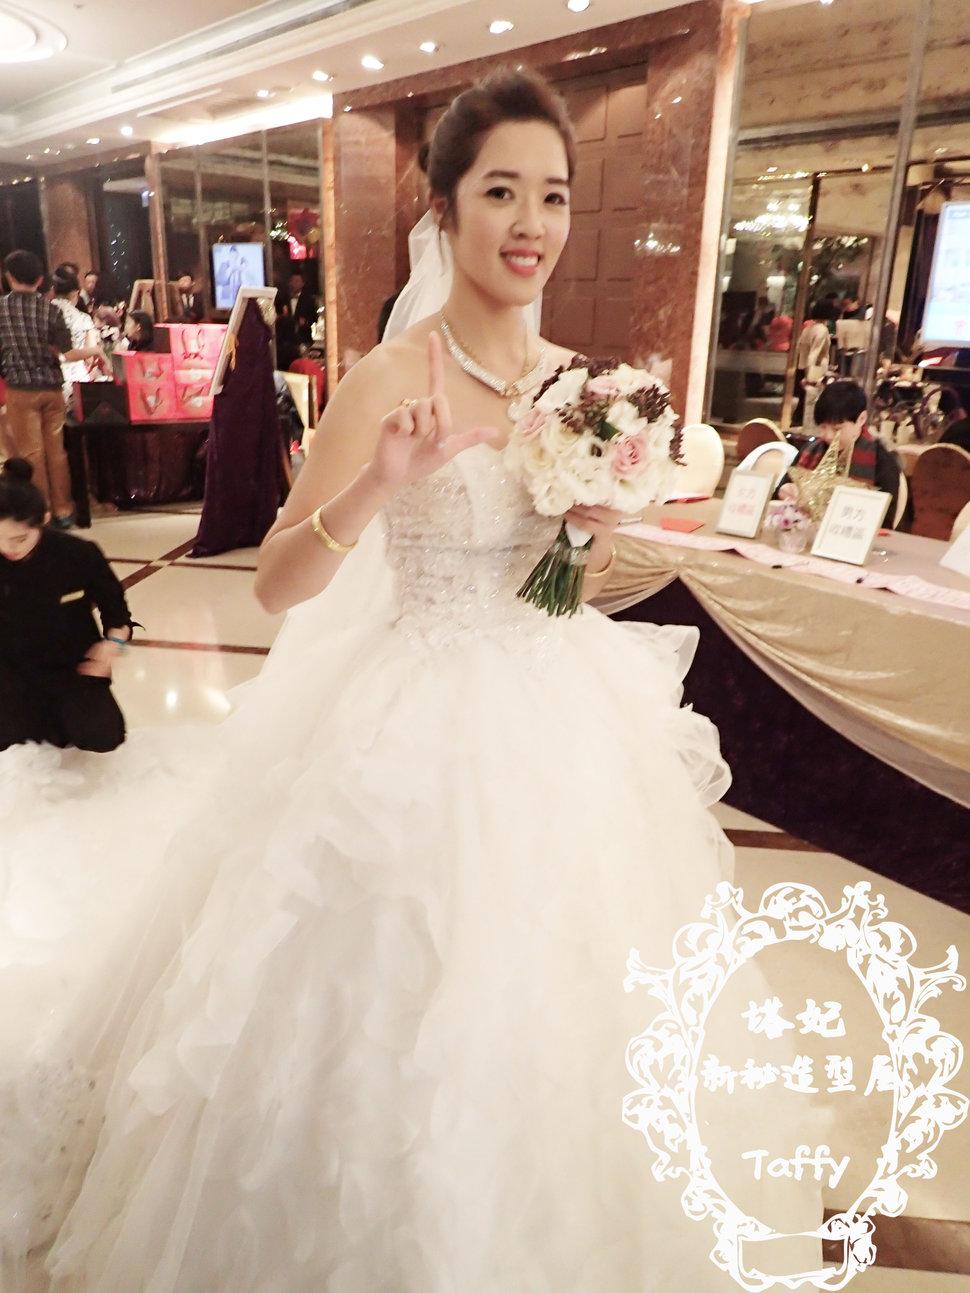 10新娘進場造型(編號:516421) - Taffy塔妃新娘造型屋 - 結婚吧